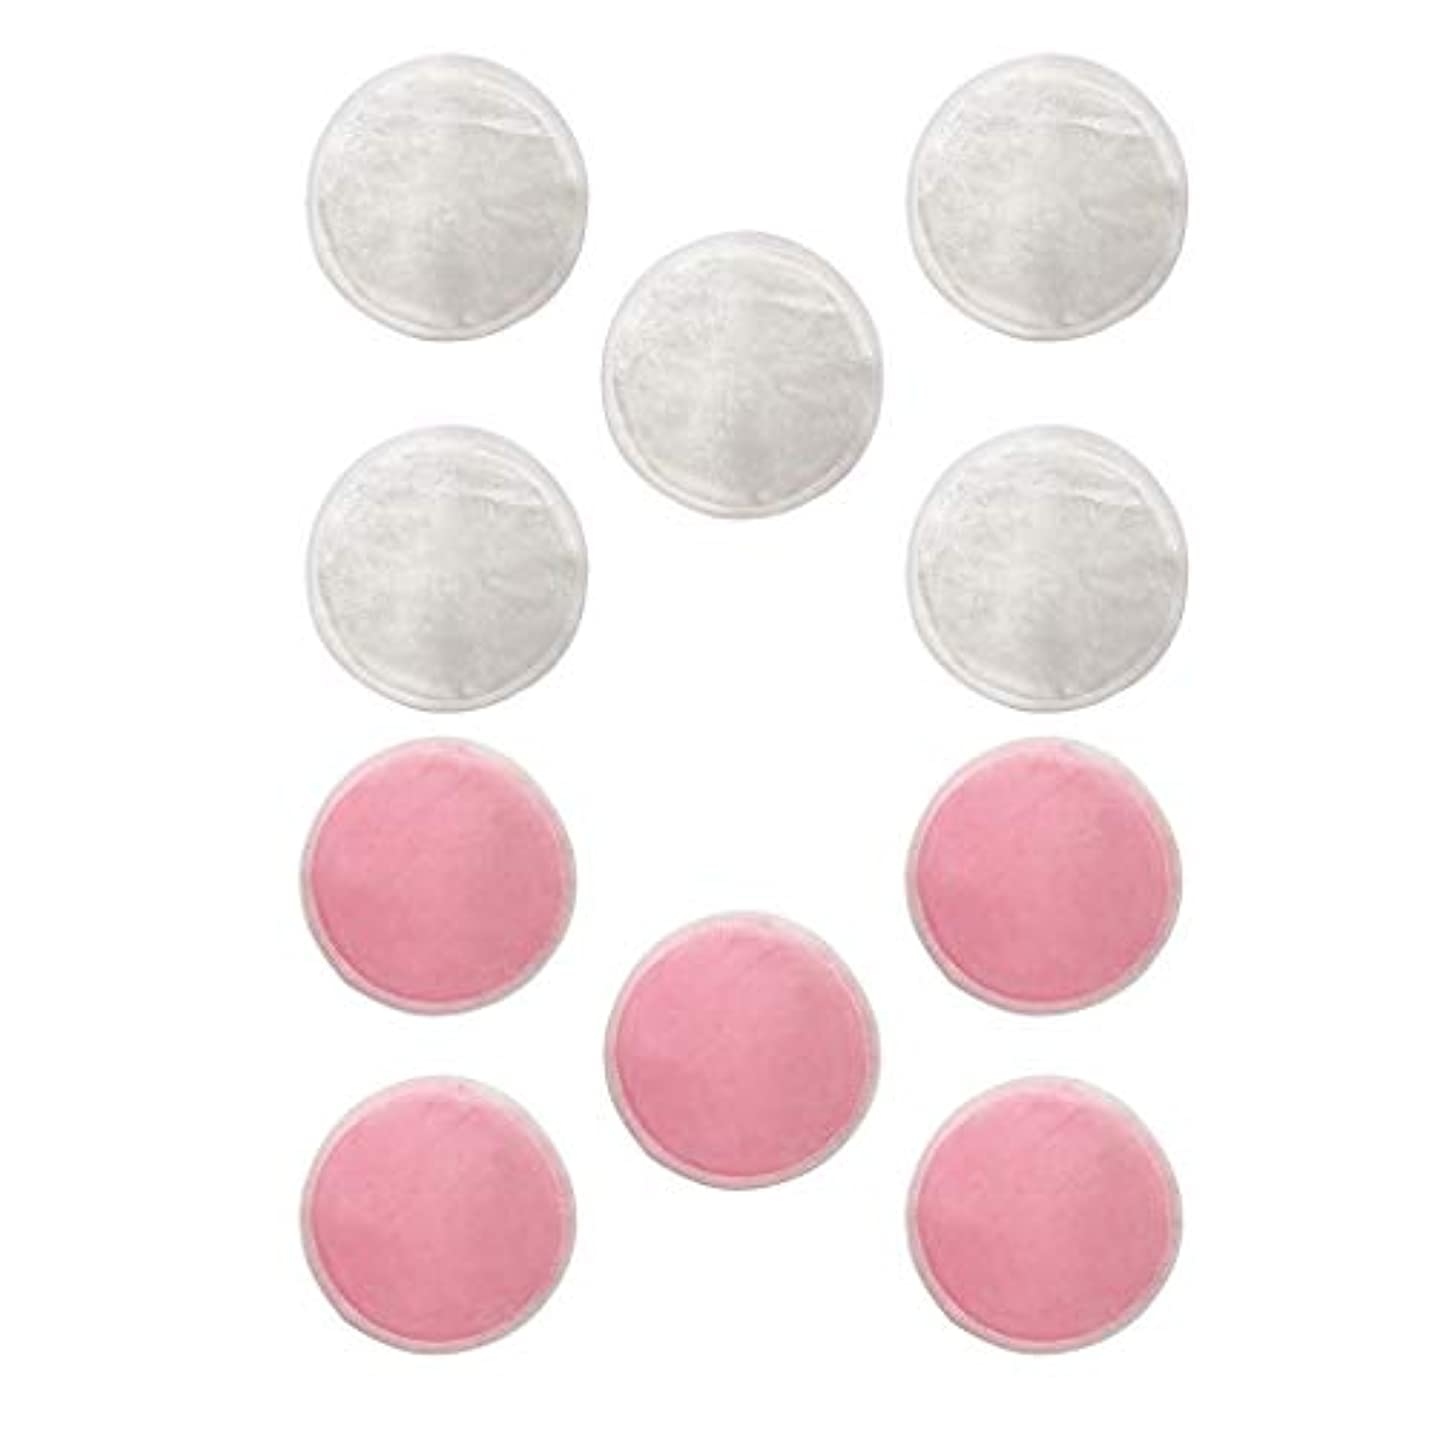 スクリーチそうラッドヤードキップリングdailymall Natural Rounds 10 Packs-顔用の再利用可能な竹繊維メイク落としパッド-再利用可能なフェイシャルコットンラウンド